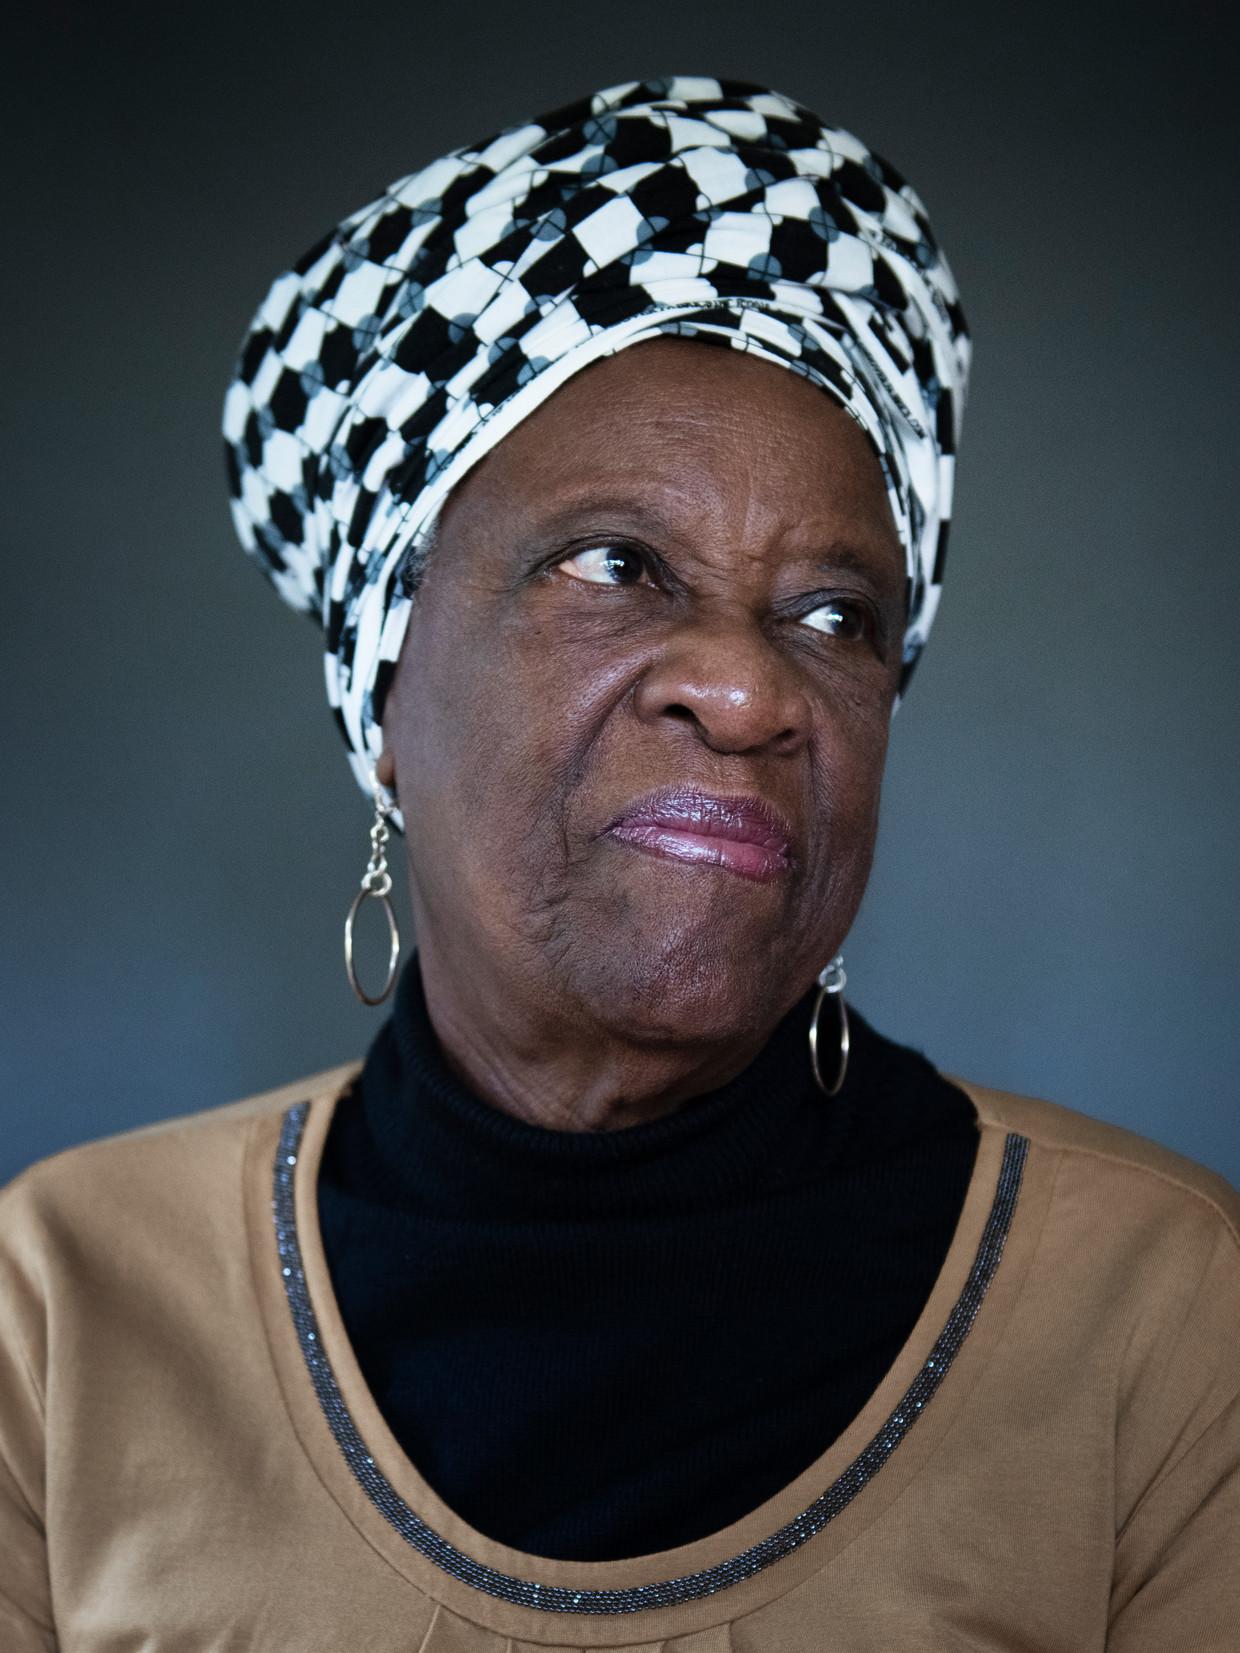 Maria Liberia-Peters: 'Ik dacht: als dit een overwinning wordt, dan zal die voor iedereen zijn, als het een nederlaag wordt, zal het de mijne zijn.' Beeld Kiki Groot